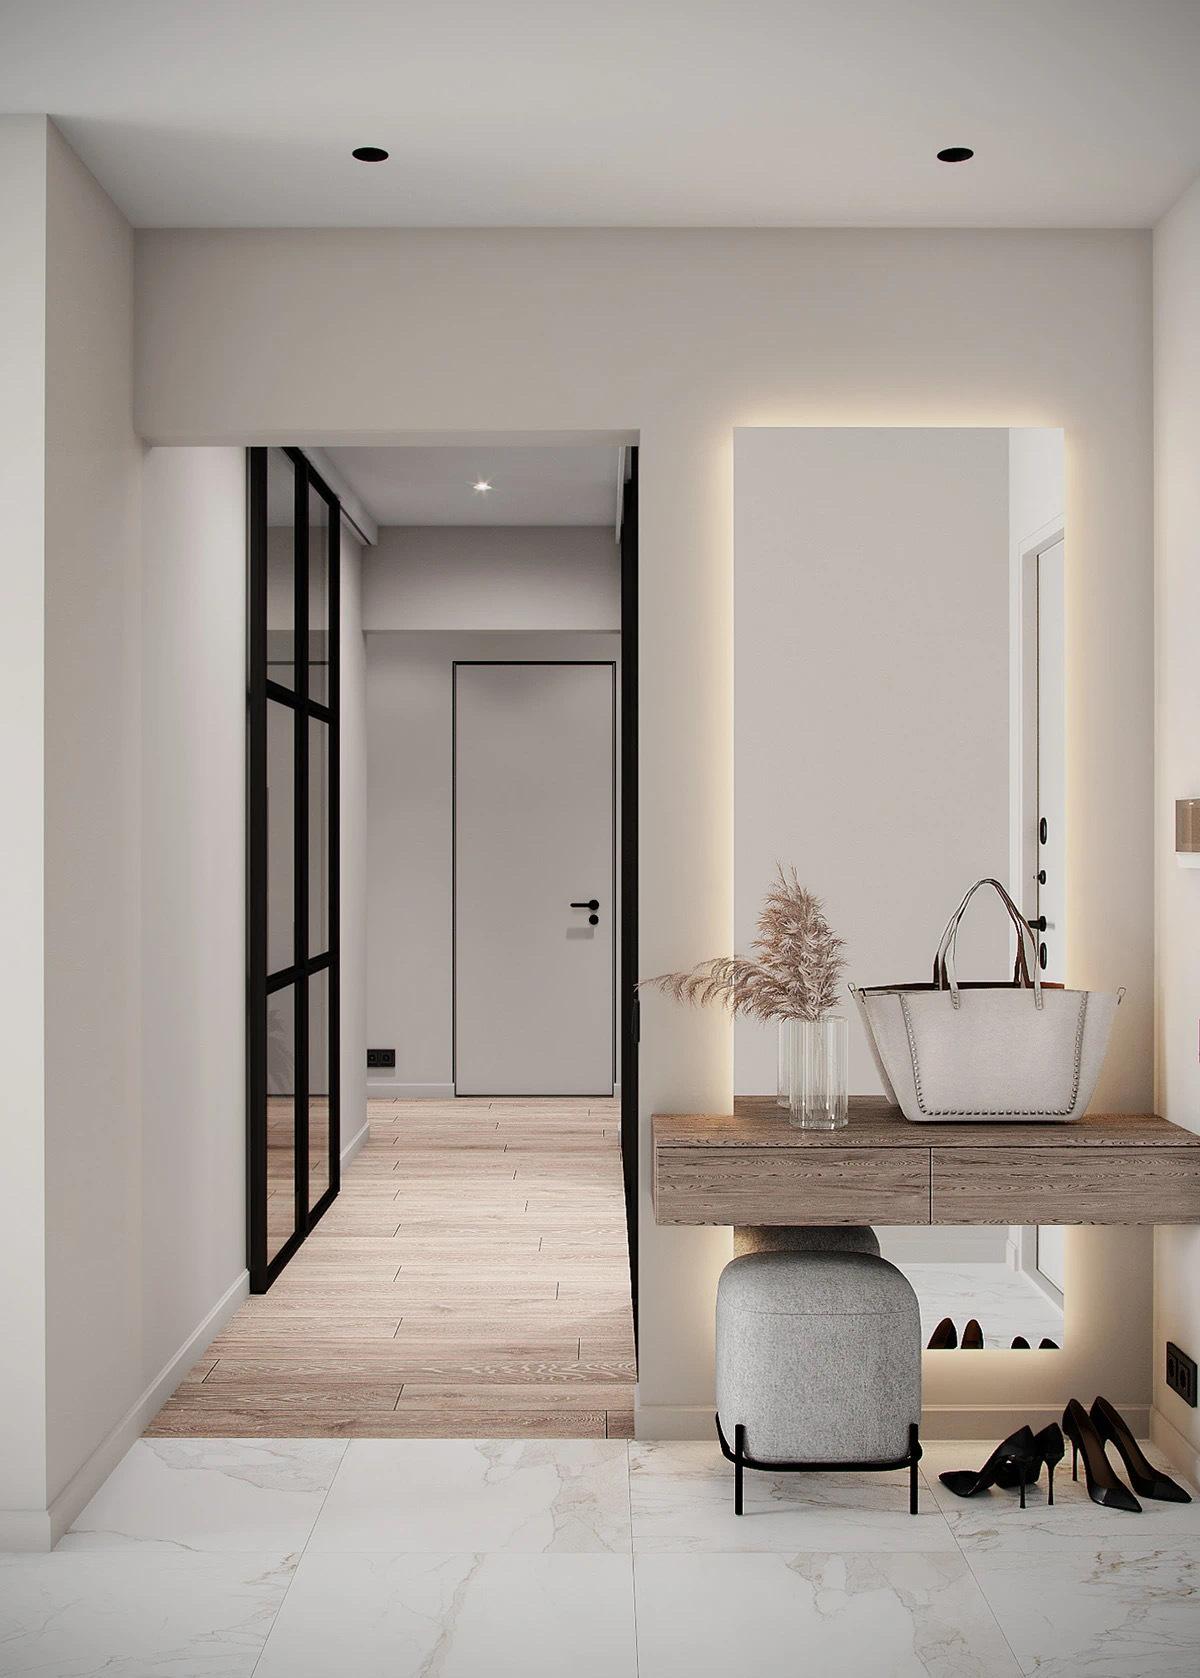 现代性、舒适性、浅色调、空间的通风和开放性BODES Studio